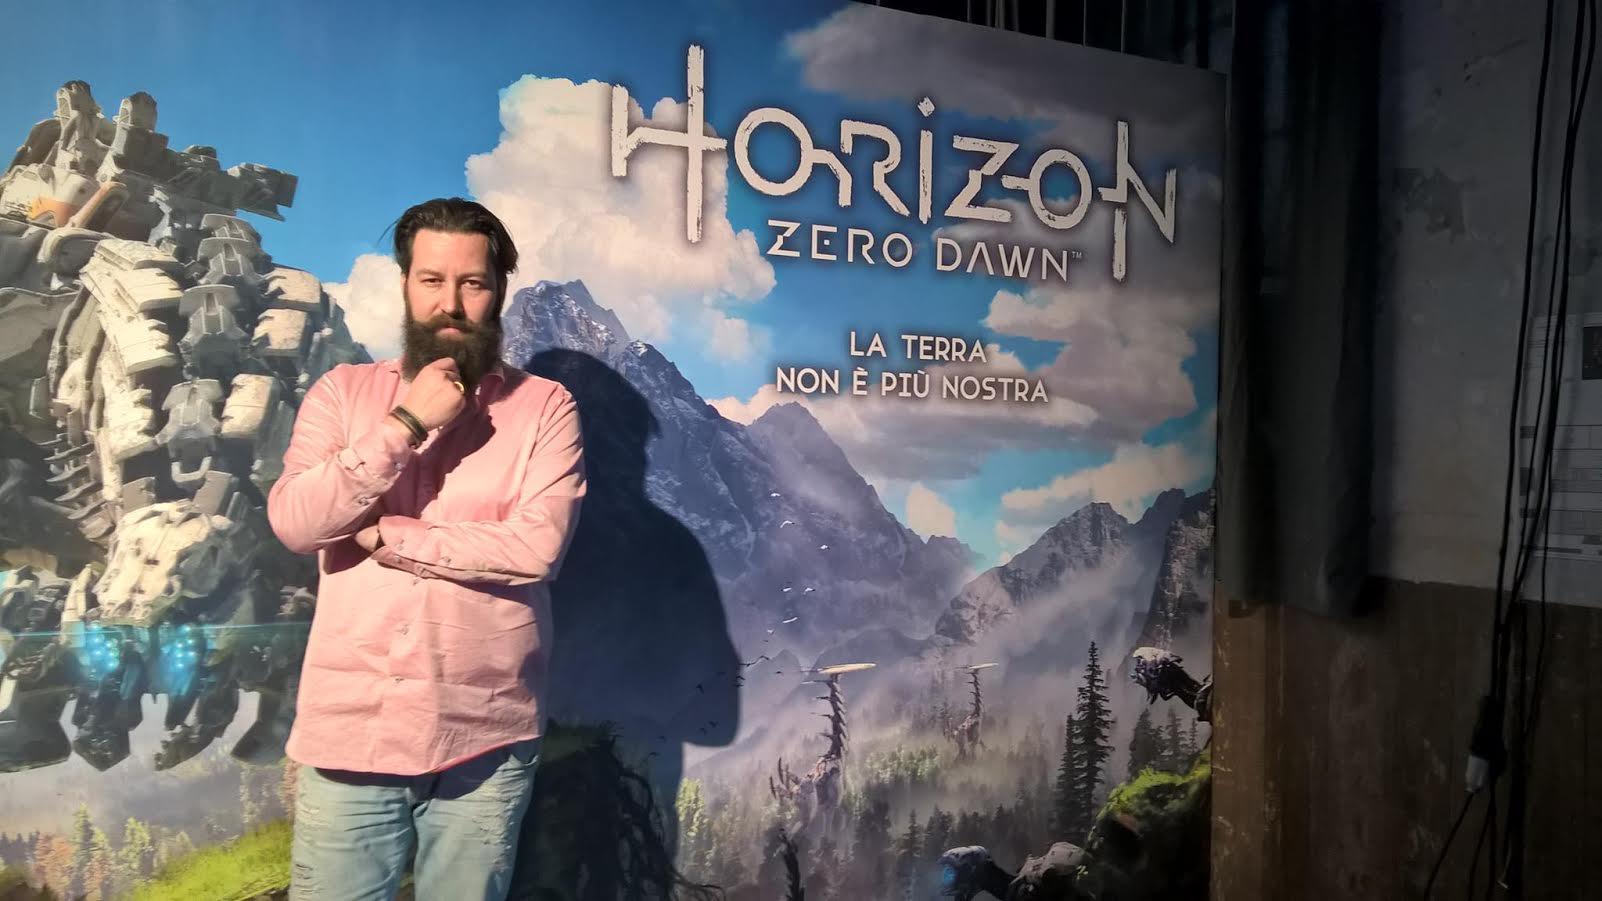 Patrick Munnik, le producteur d'Horizon Zero Dawn a tiré sa révérence